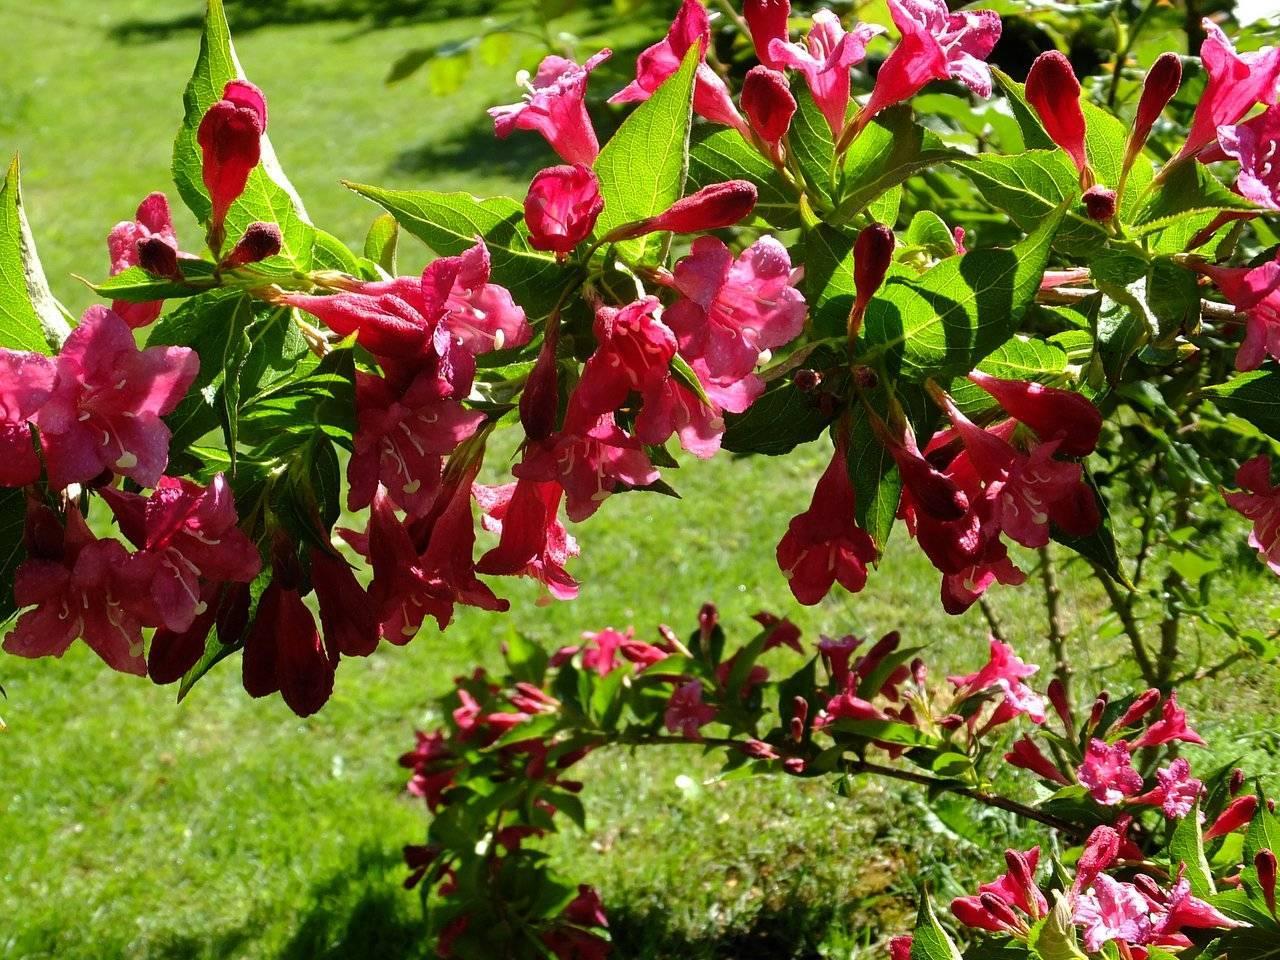 Вейгела «нана вариегата» (28 фото): описание цветущего кустарника вейгелы, посадка и уход, зимостойкость